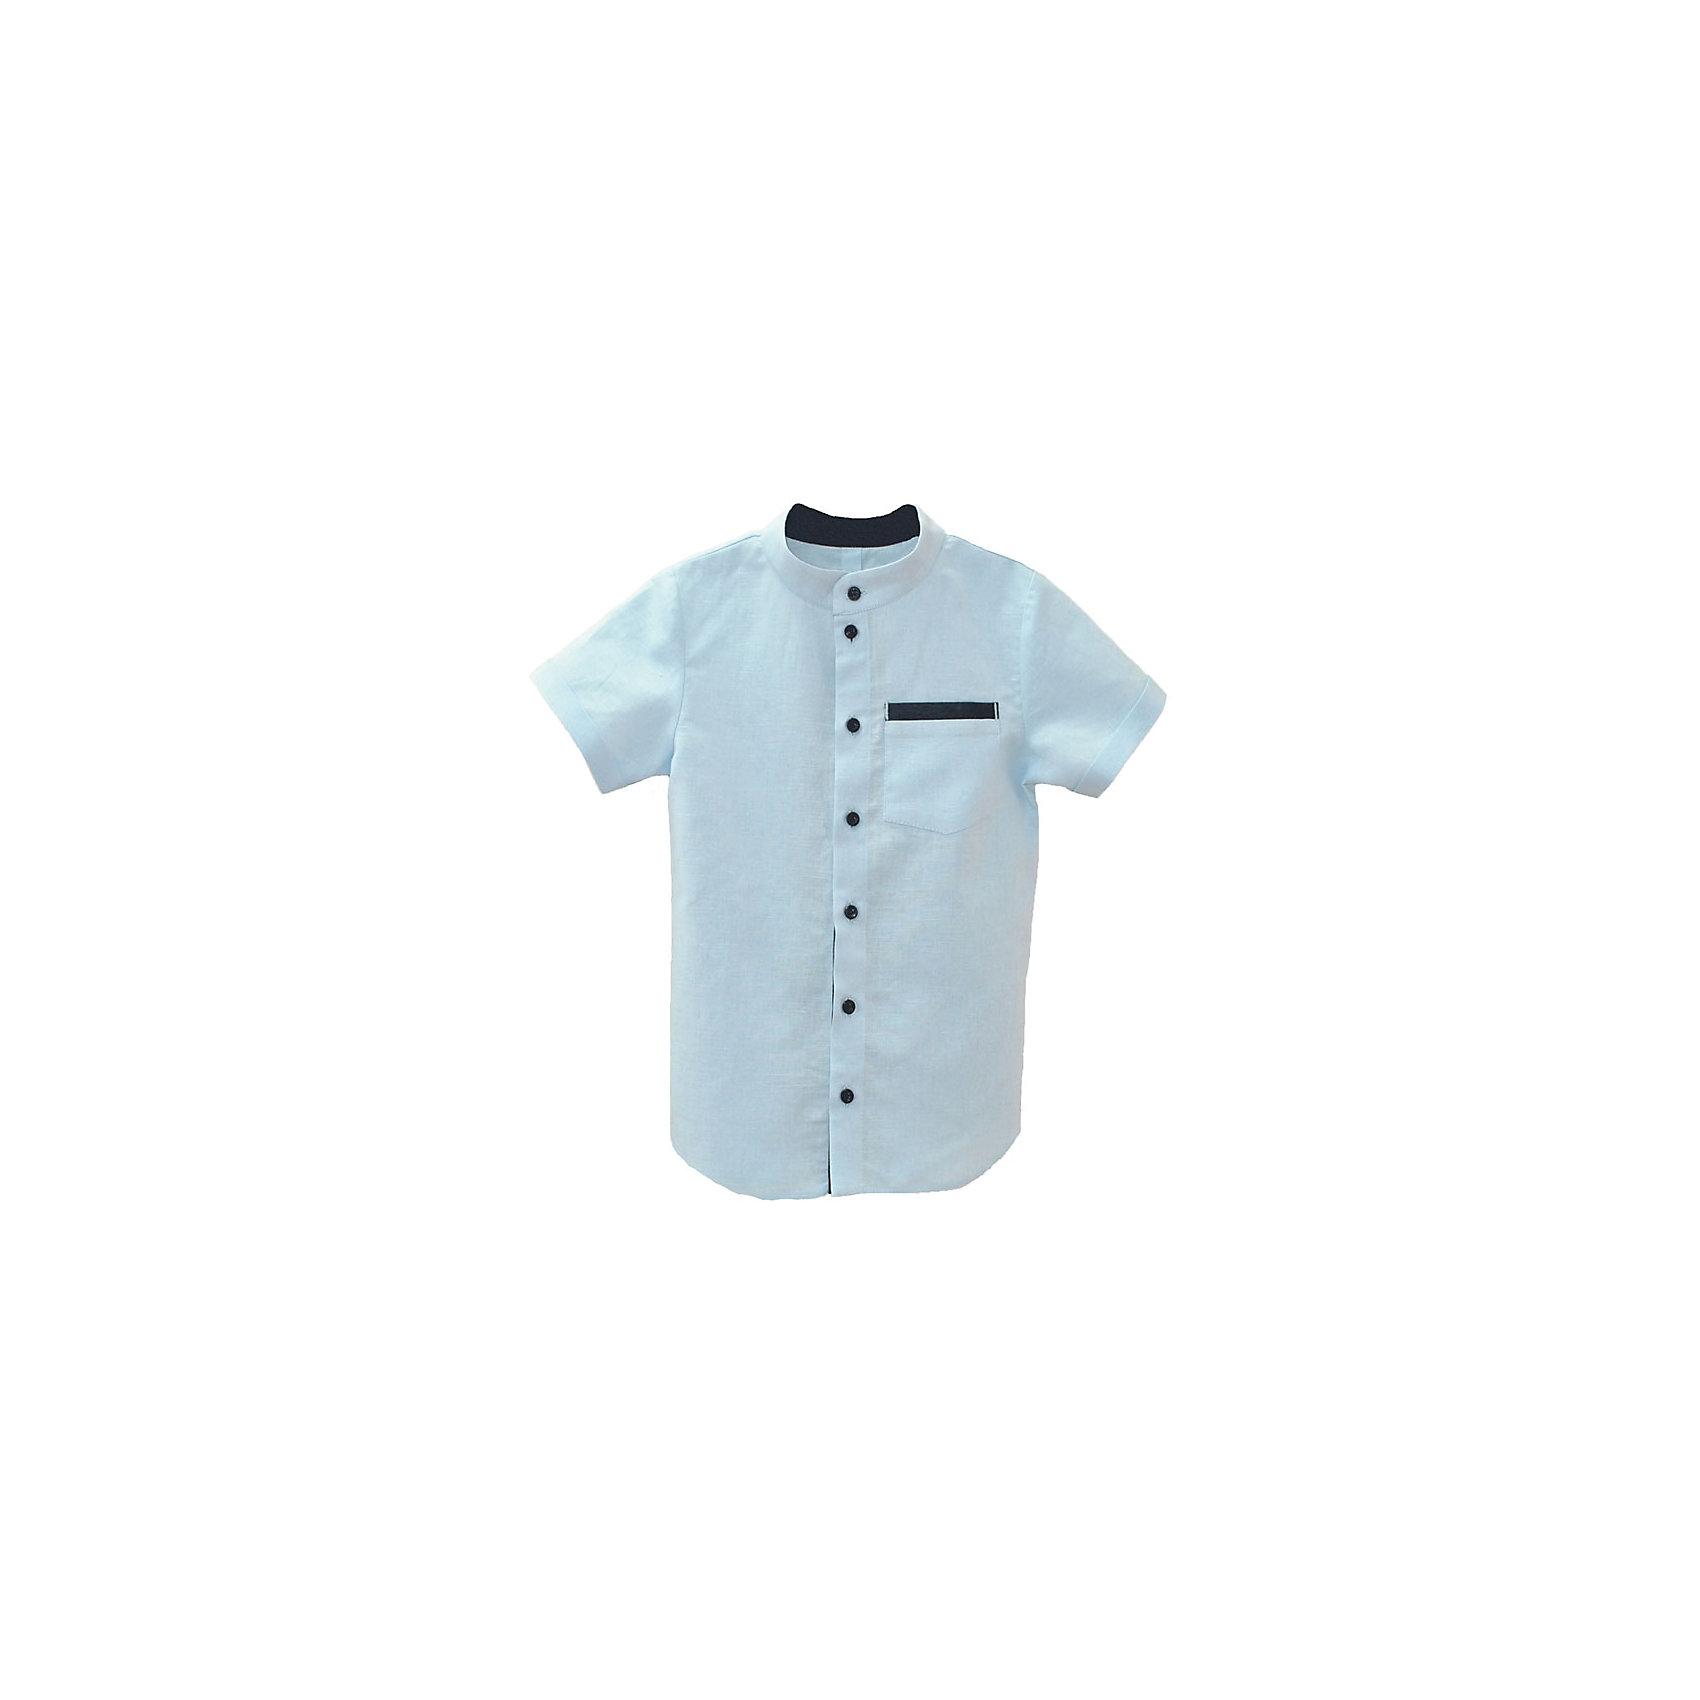 Рубашка  для мальчика GoldyРубашка  для мальчика от известного бренда Goldy<br>Рубашка льняная для мальчика с контрастной отделкой ворота, нагрудного кармана и пуговицами в цвет отделки<br>Состав:<br>100%лен<br><br>Ширина мм: 174<br>Глубина мм: 10<br>Высота мм: 169<br>Вес г: 157<br>Цвет: разноцветный<br>Возраст от месяцев: 18<br>Возраст до месяцев: 24<br>Пол: Мужской<br>Возраст: Детский<br>Размер: 92,104,98,122,116,110<br>SKU: 4757261